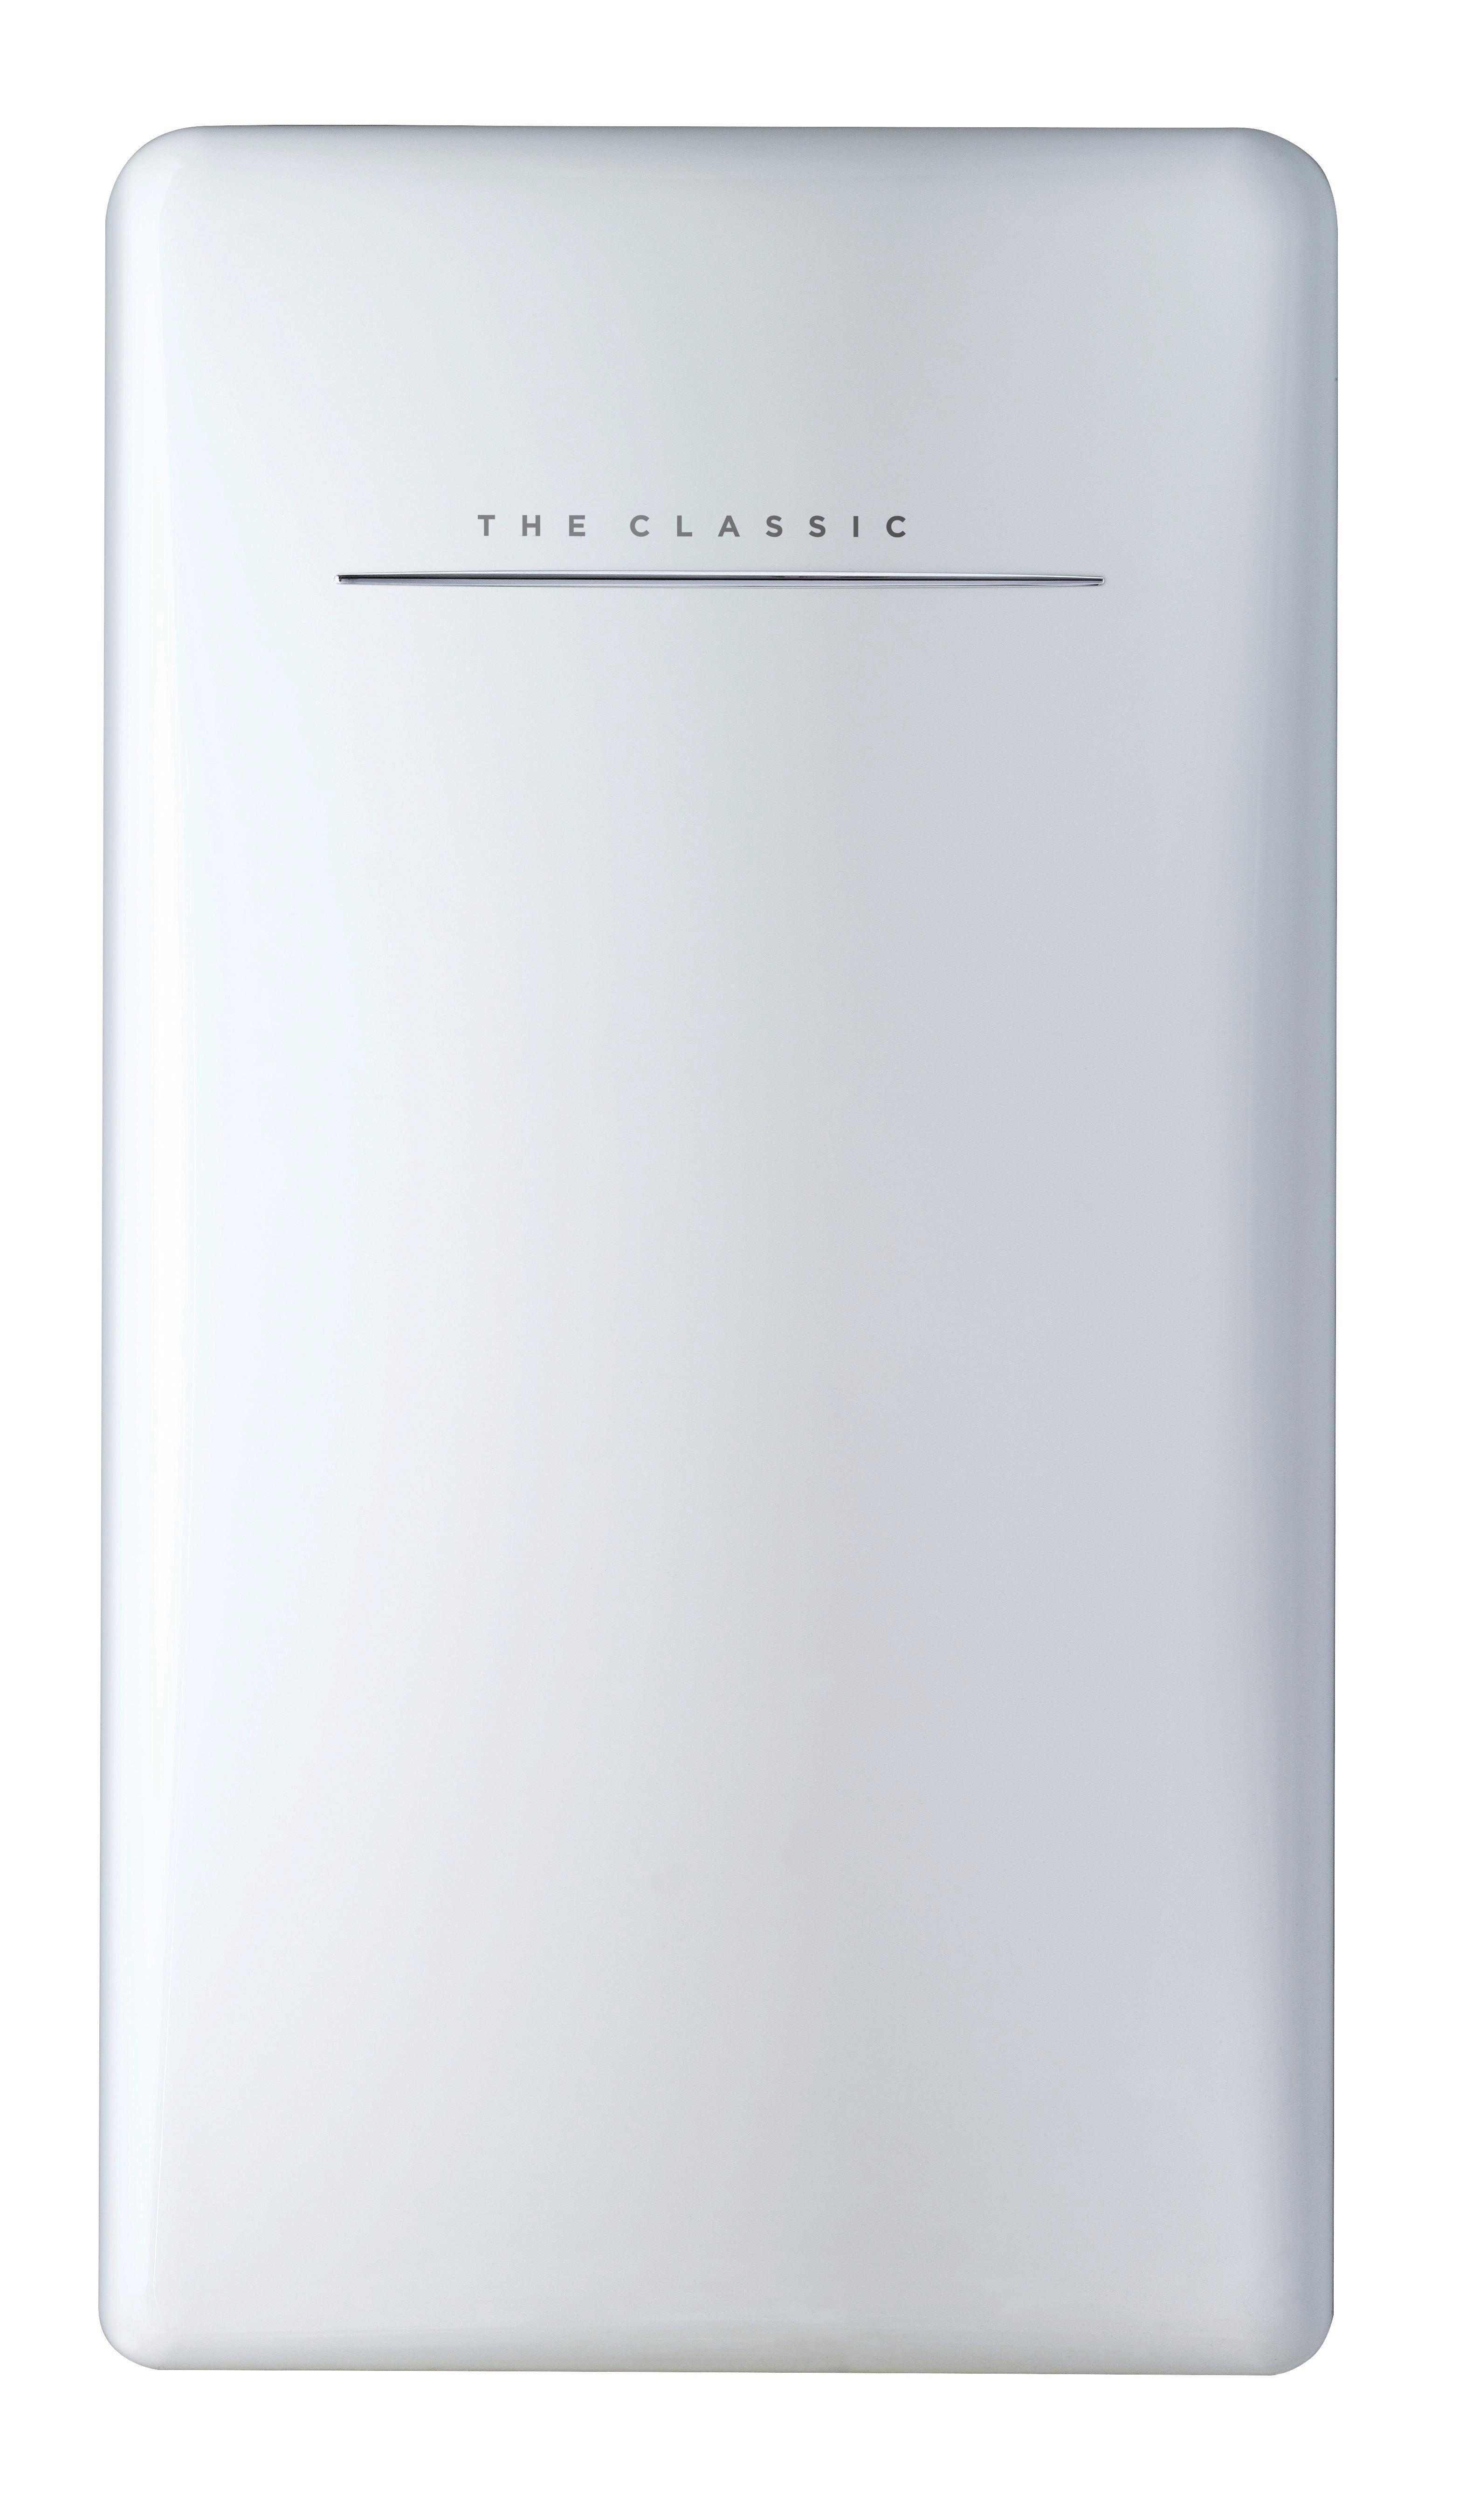 Kühlschrank Weiss : Bikitchen kühlschrank retro cool weiß online kaufen ➤ möbelix